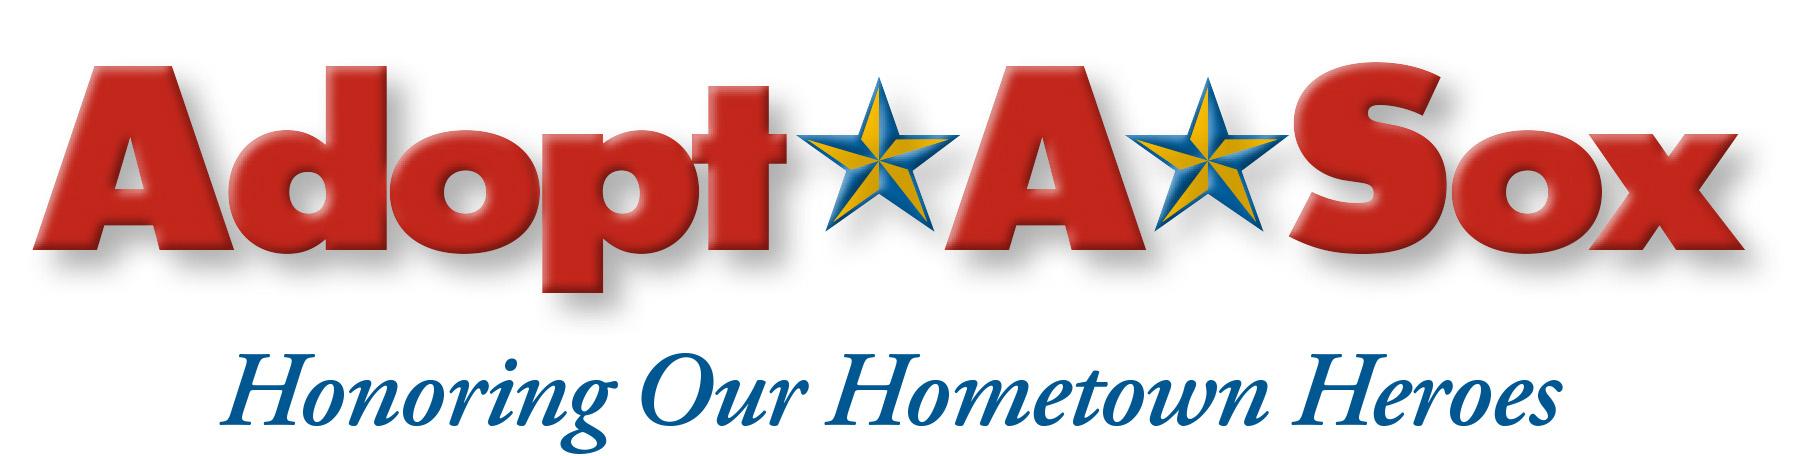 AAS Logo Complete (1).jpg